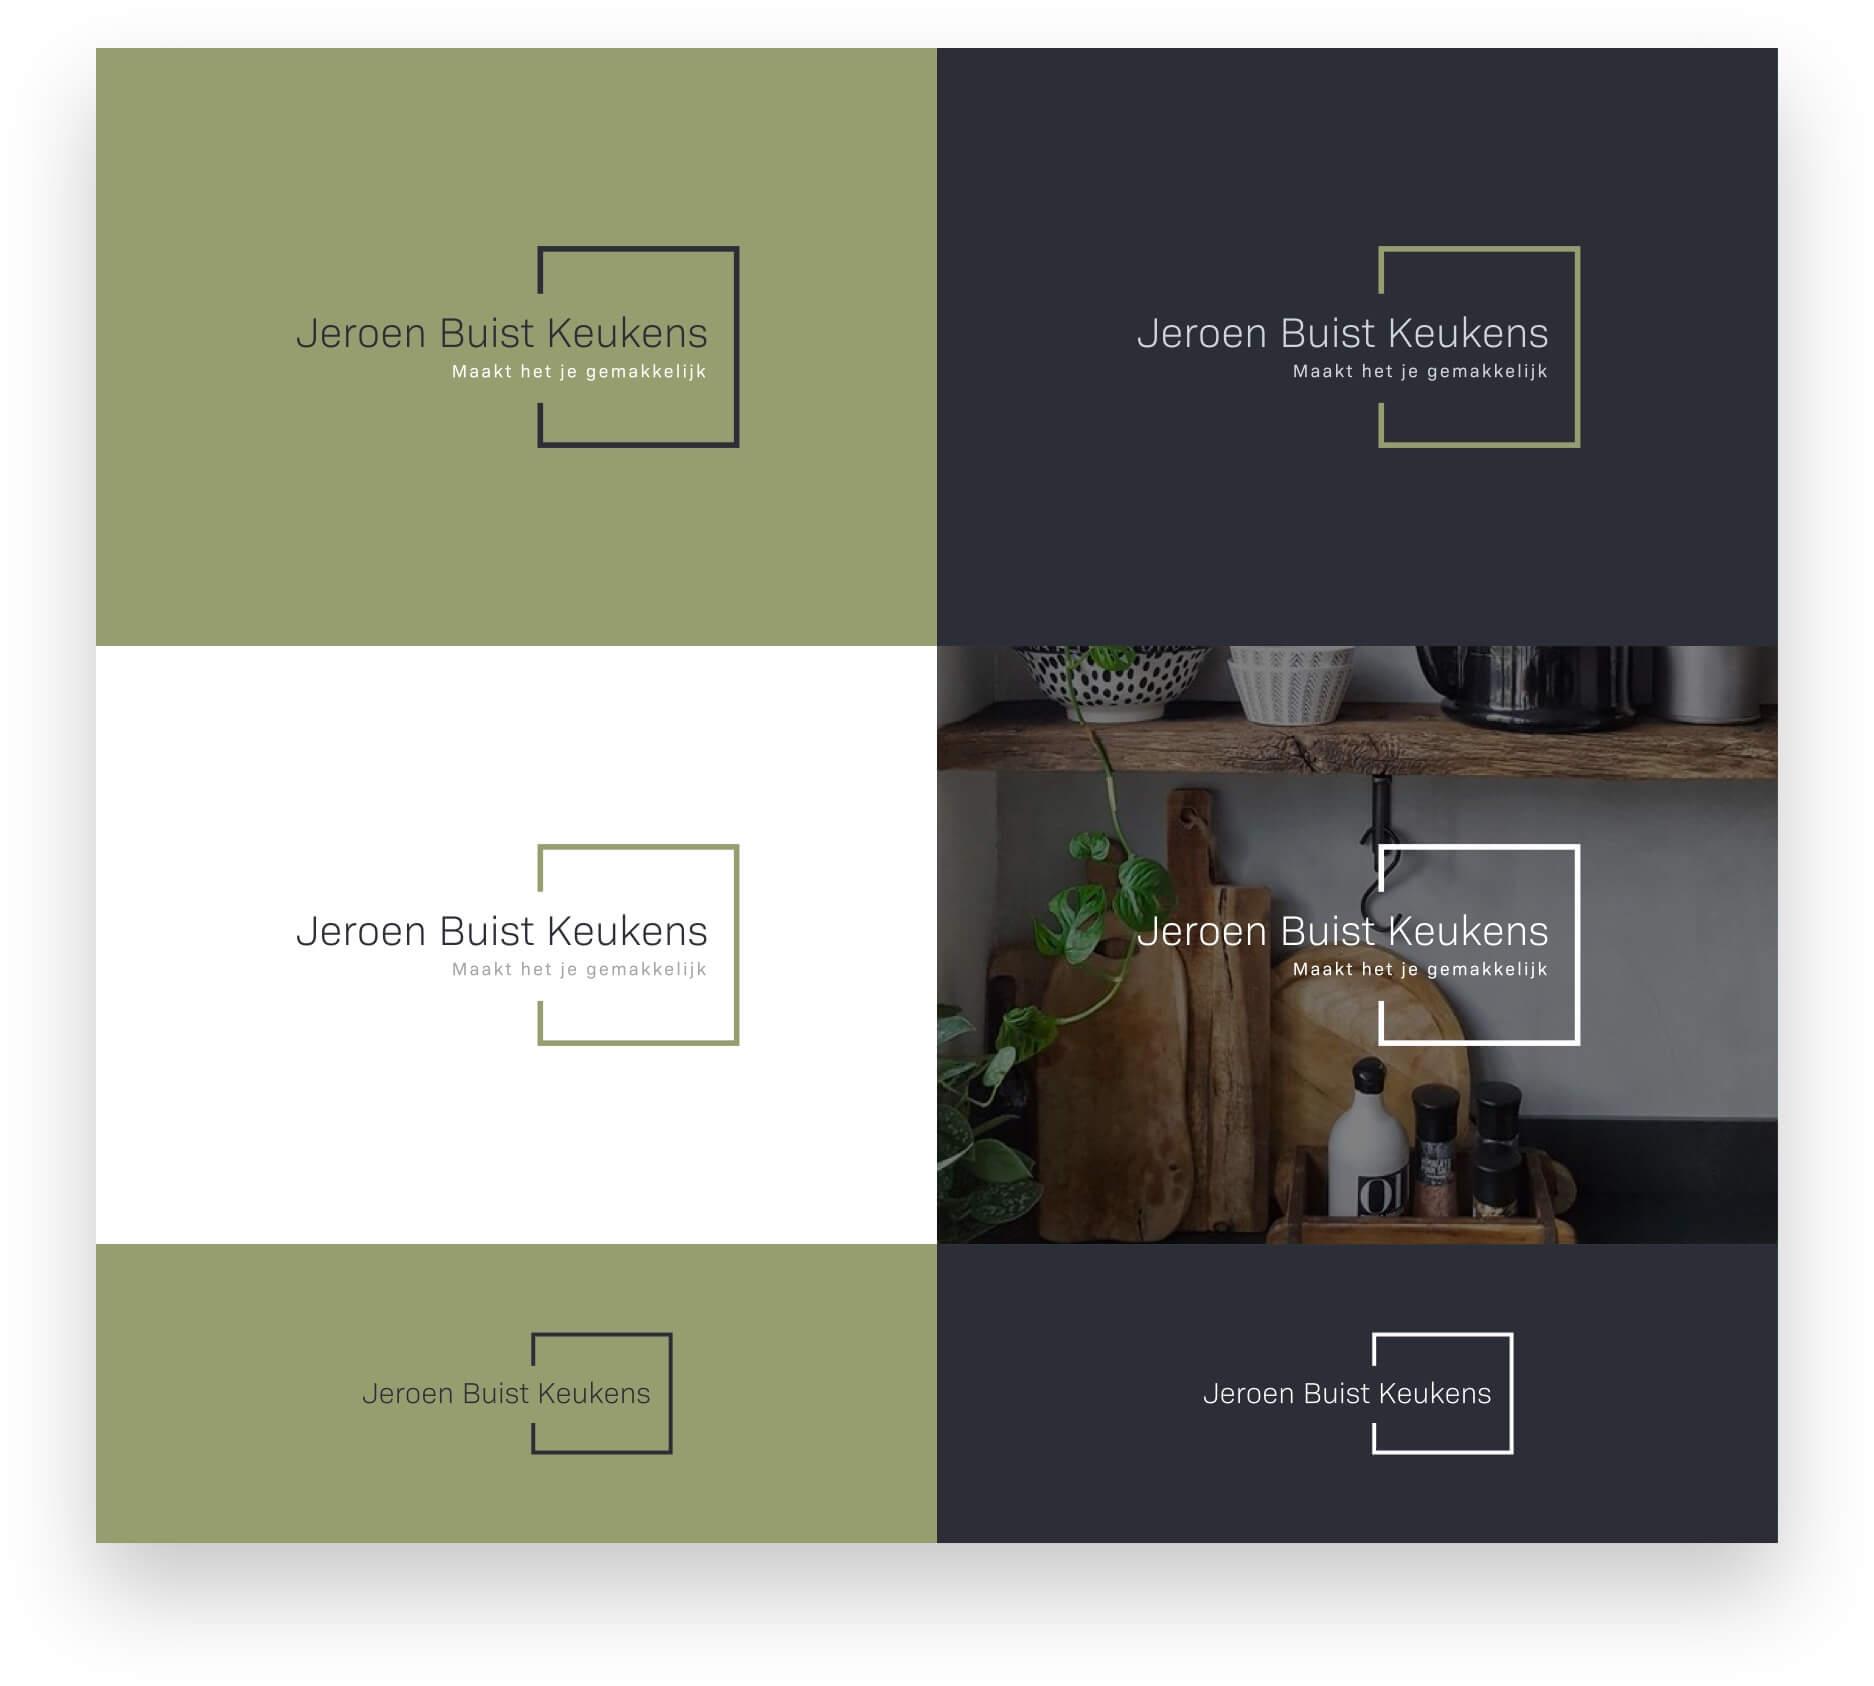 Studio Slof - Portfolio - Jeroen Buist Keukens - Branding